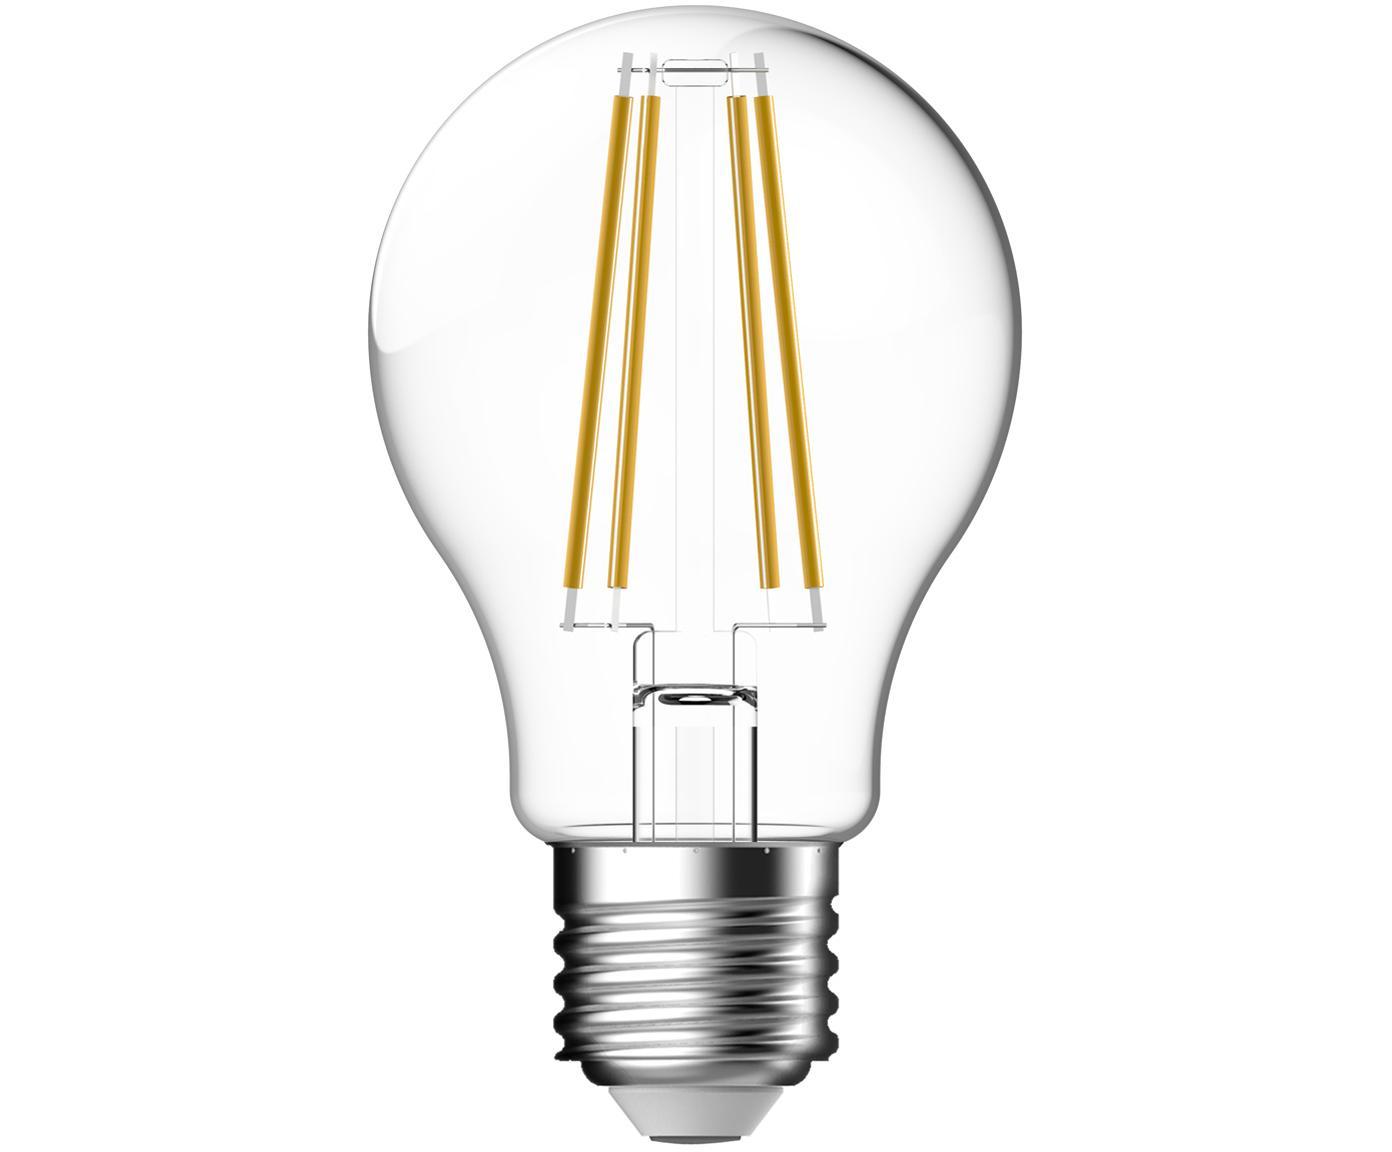 LED lamp Clear (E27 / 7W), 2 stuks, Peertje: glas, Fitting: aluminium, Transparant, Ø 6 x H 11 cm